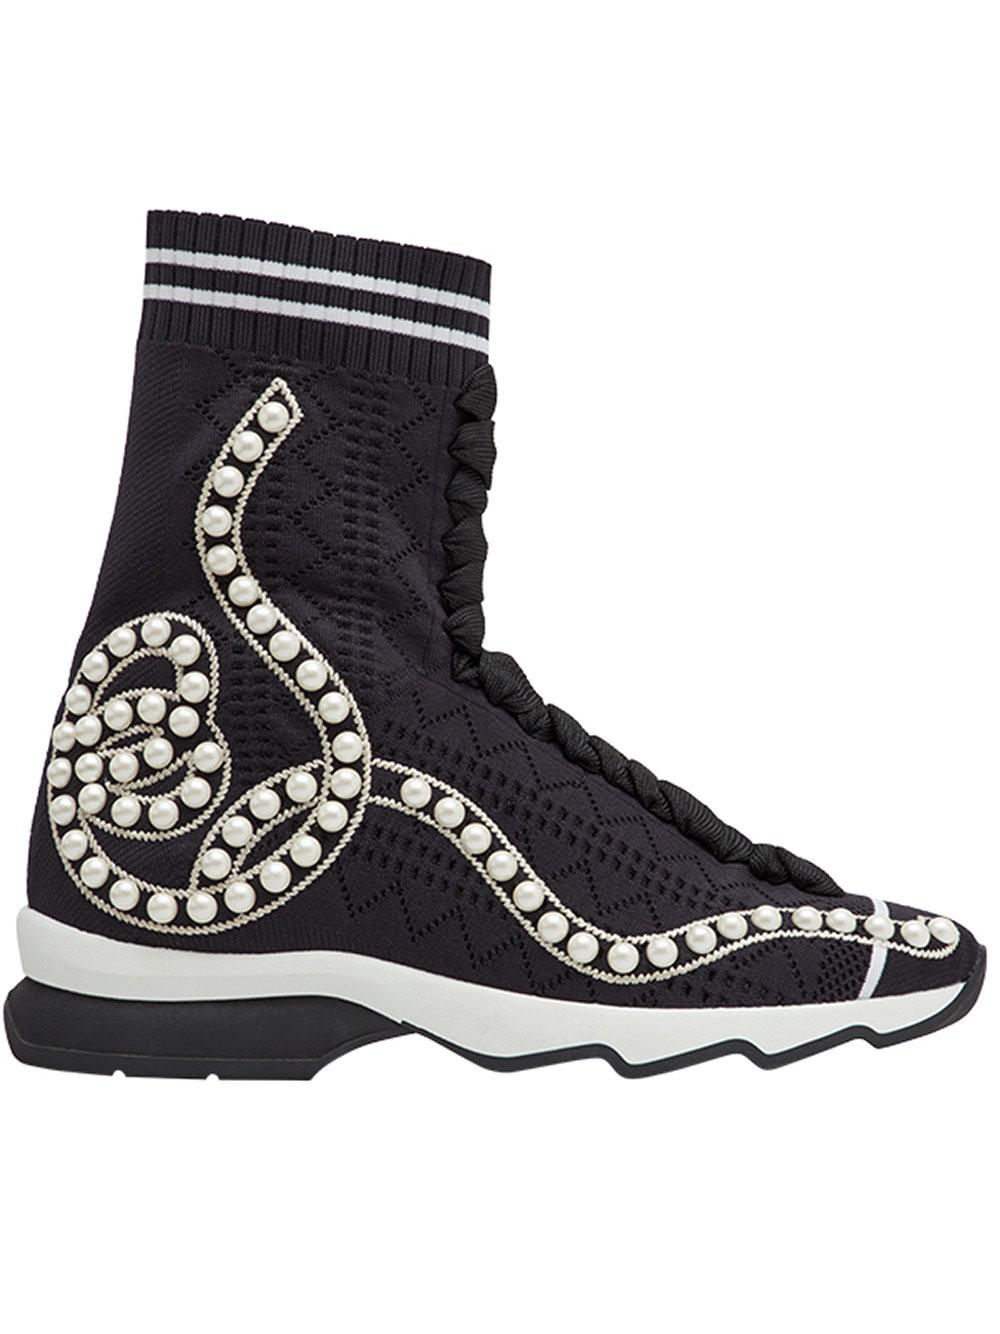 Fendi Open knit sneakers SnpbdbHJ3